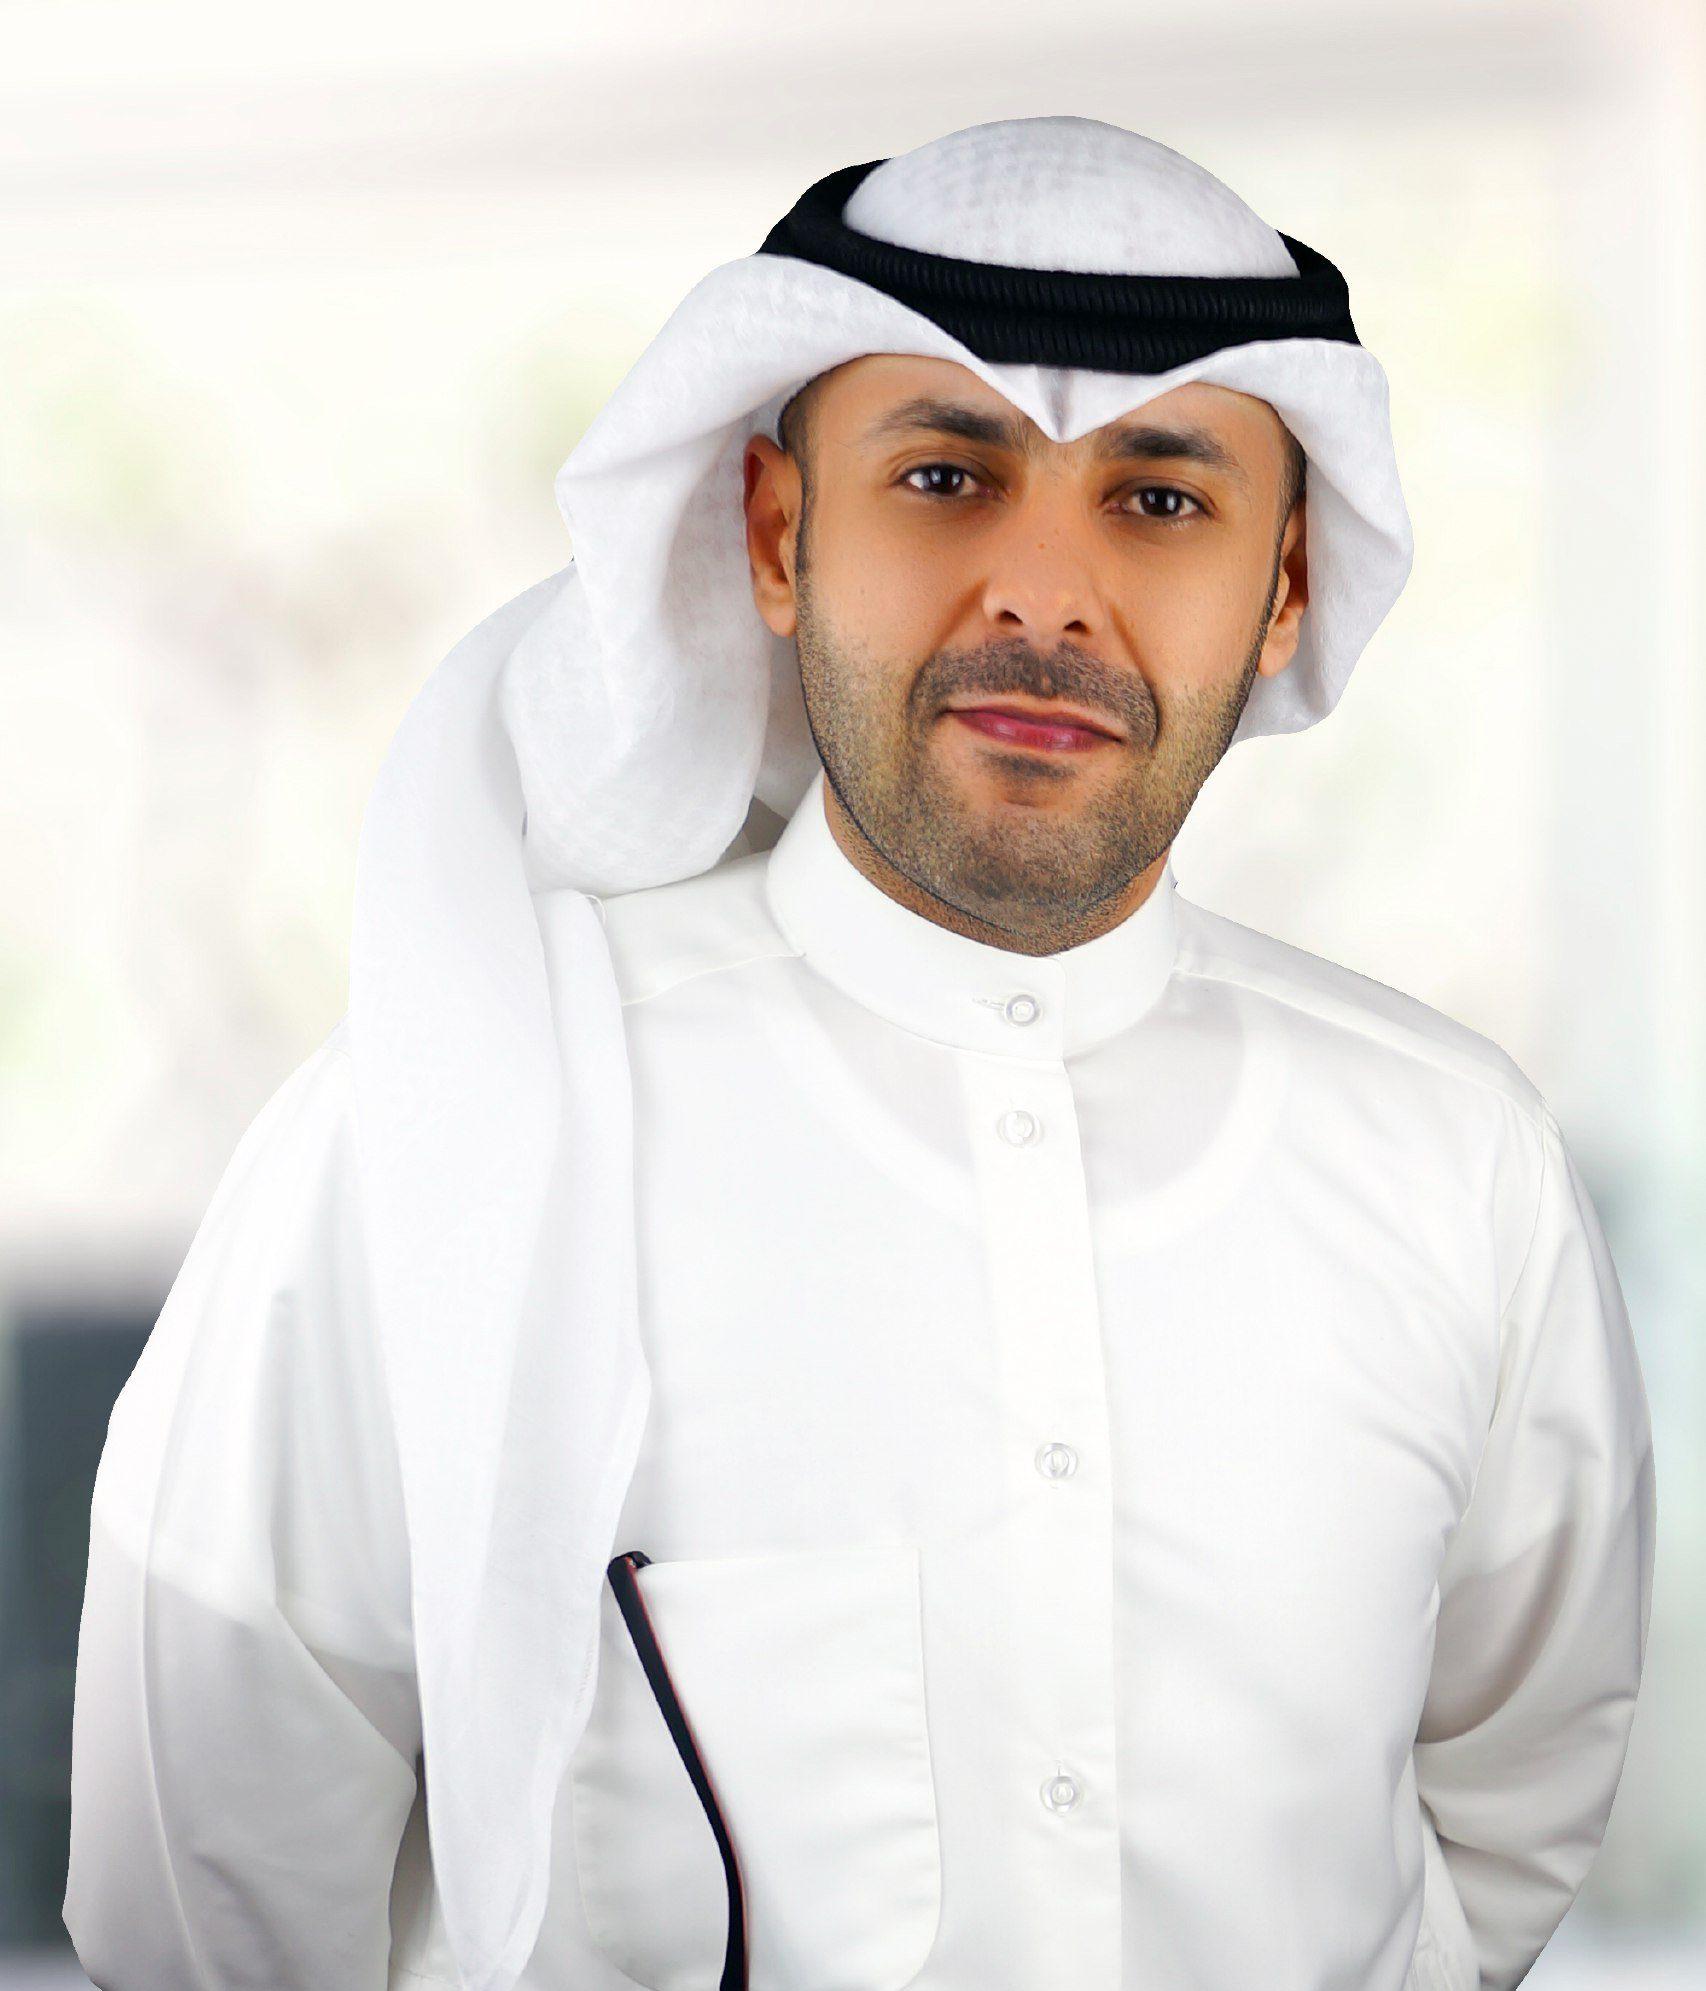 تأثير أزمة كورونا على اقتصاد الخليج